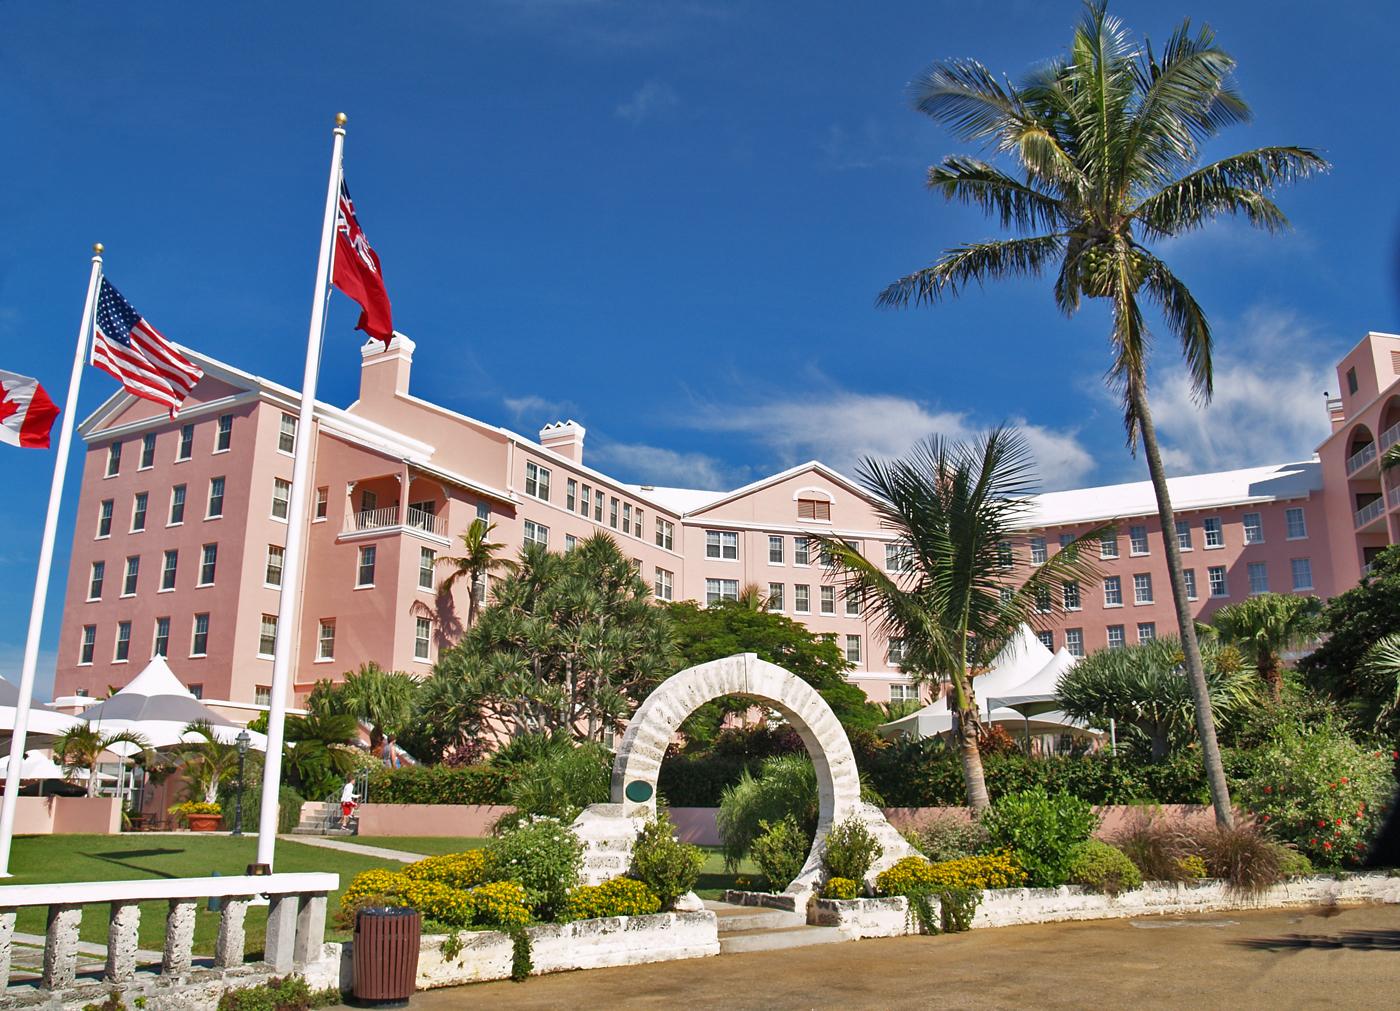 Princess Hotel, Hamilton, Bermuda